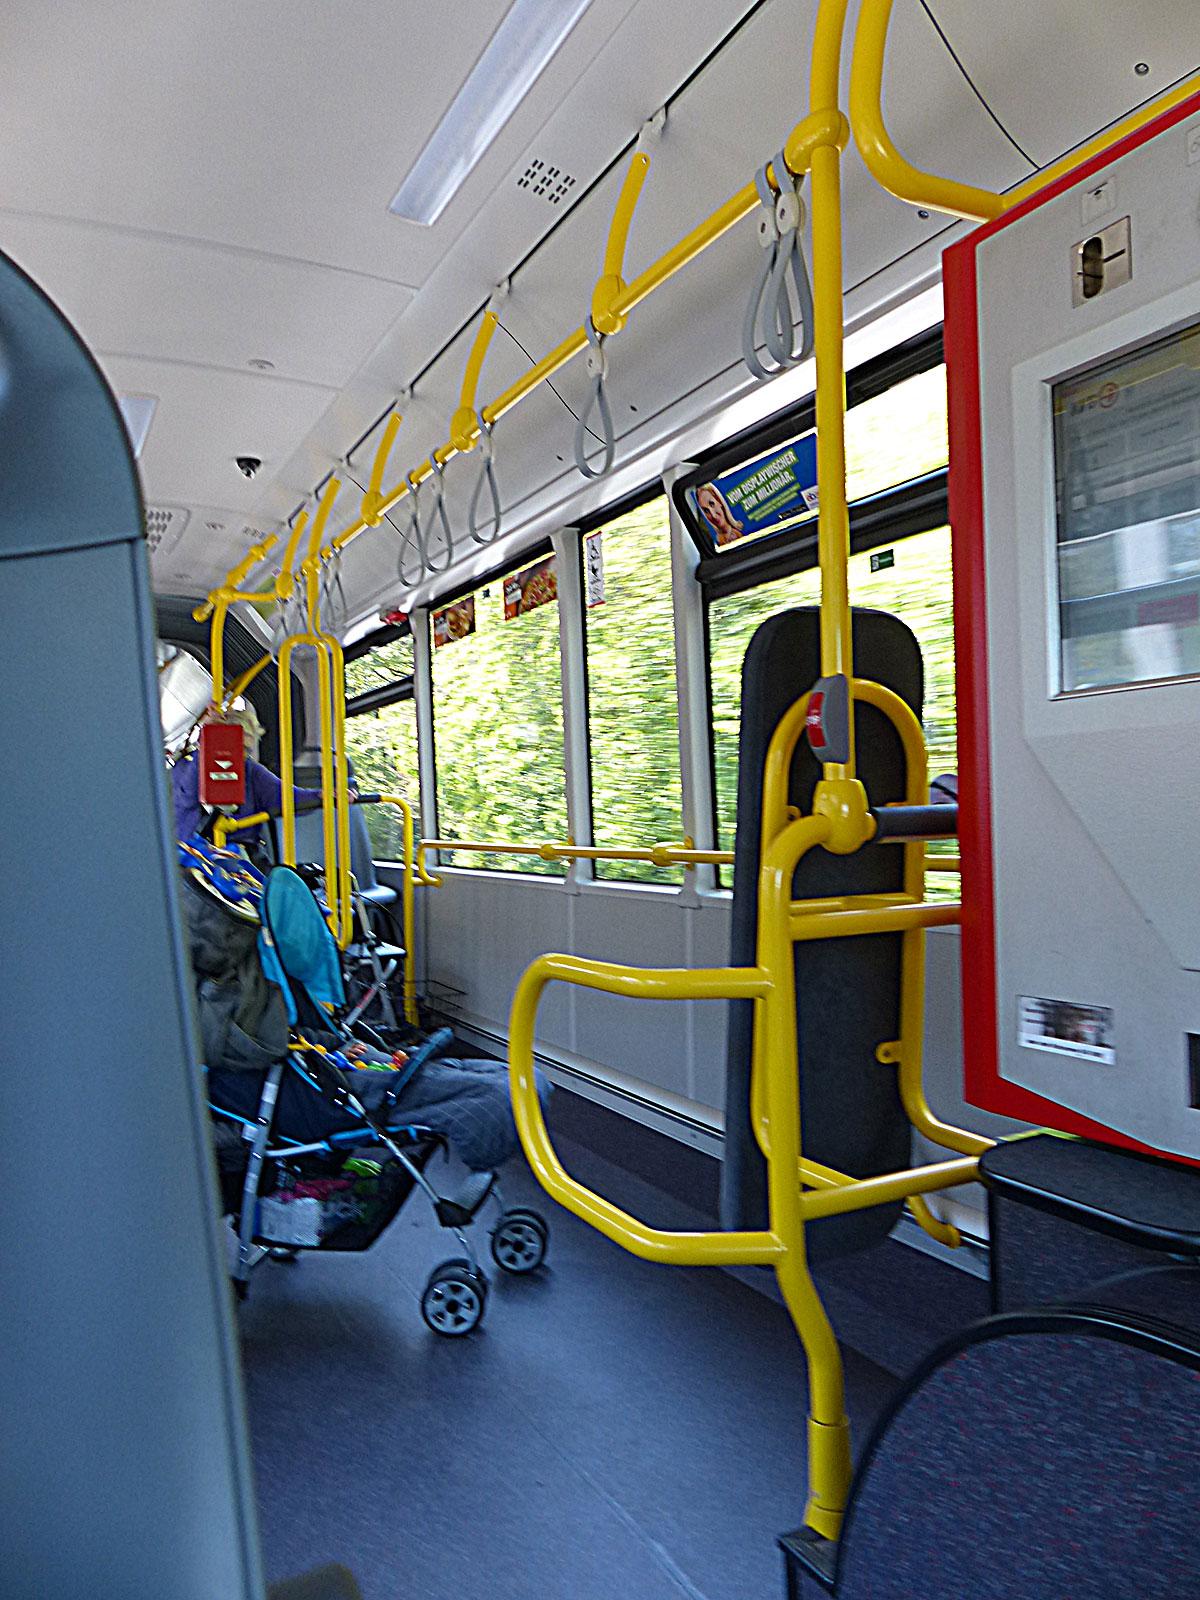 ein Kinderwagen steht quer im Bus